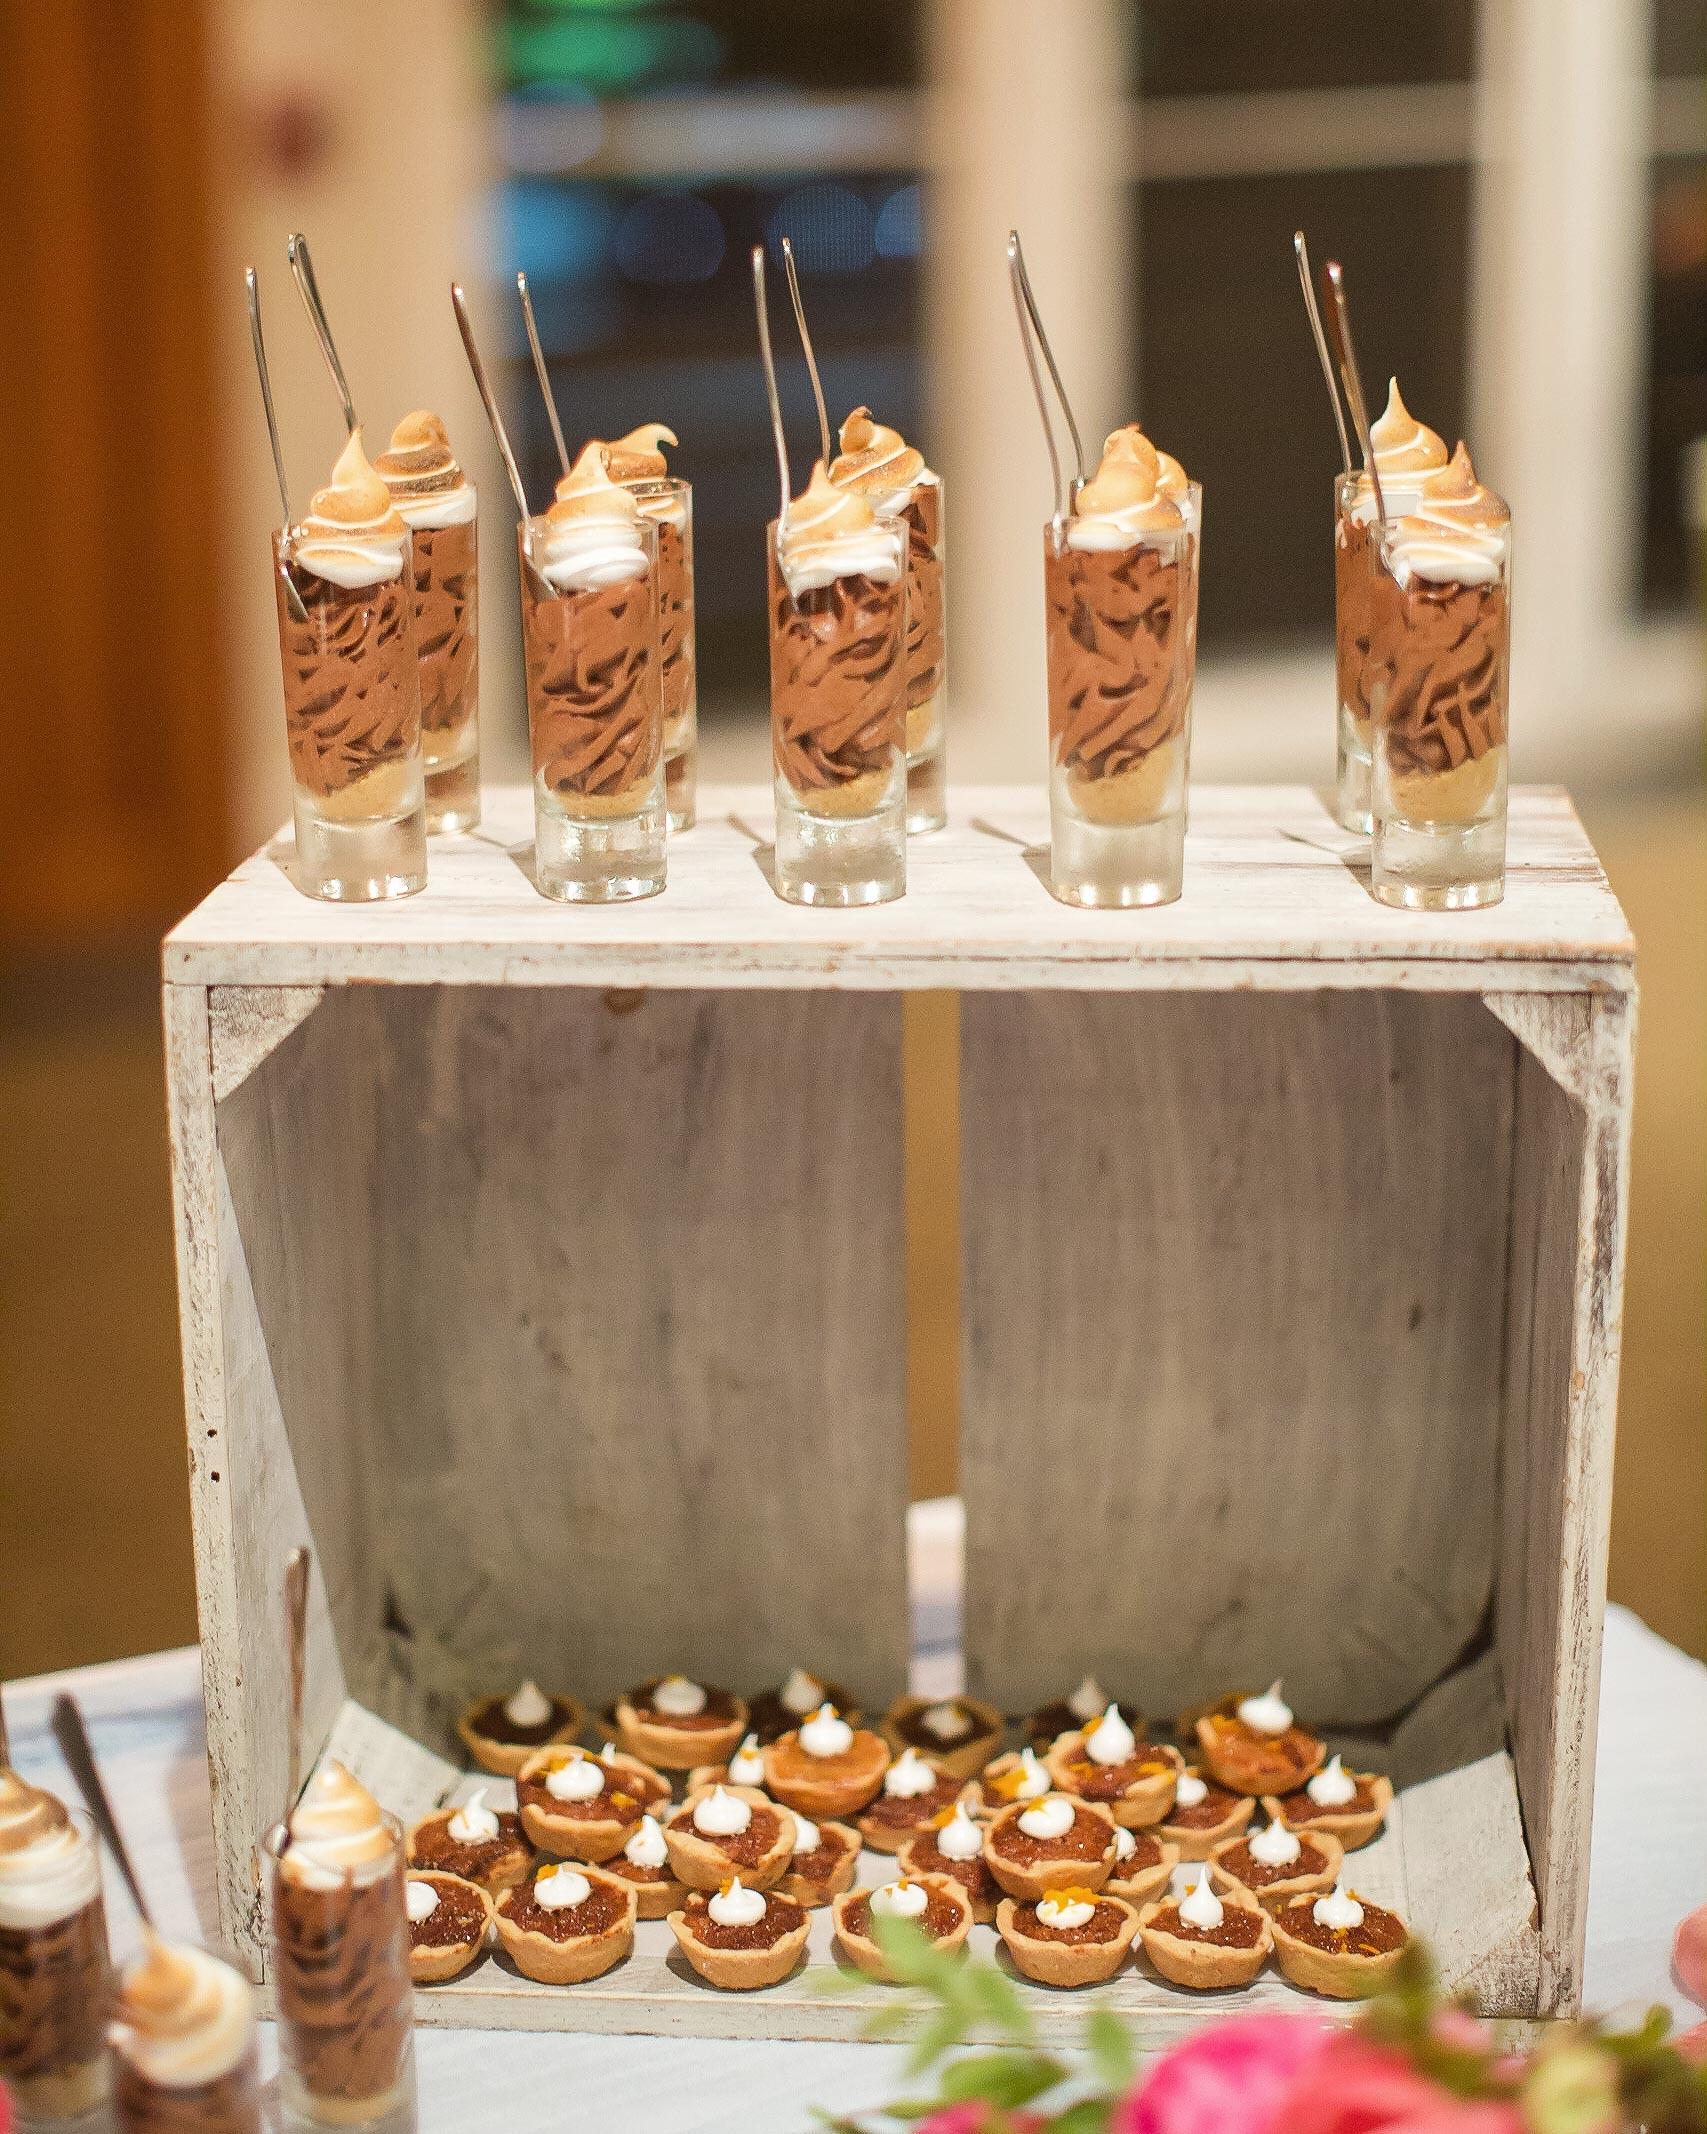 christen-tim-wedding-desserts-22437-6143924-0816.jpg